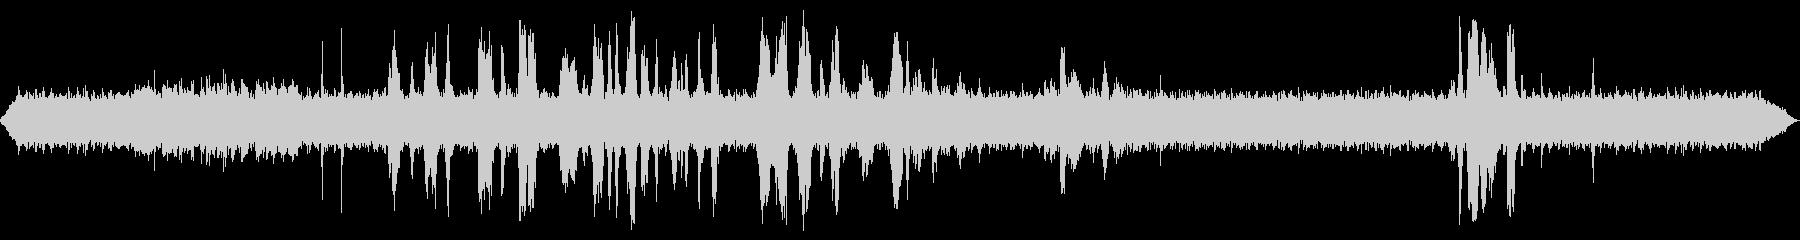 INT:IDLE、RADIO CH...の未再生の波形